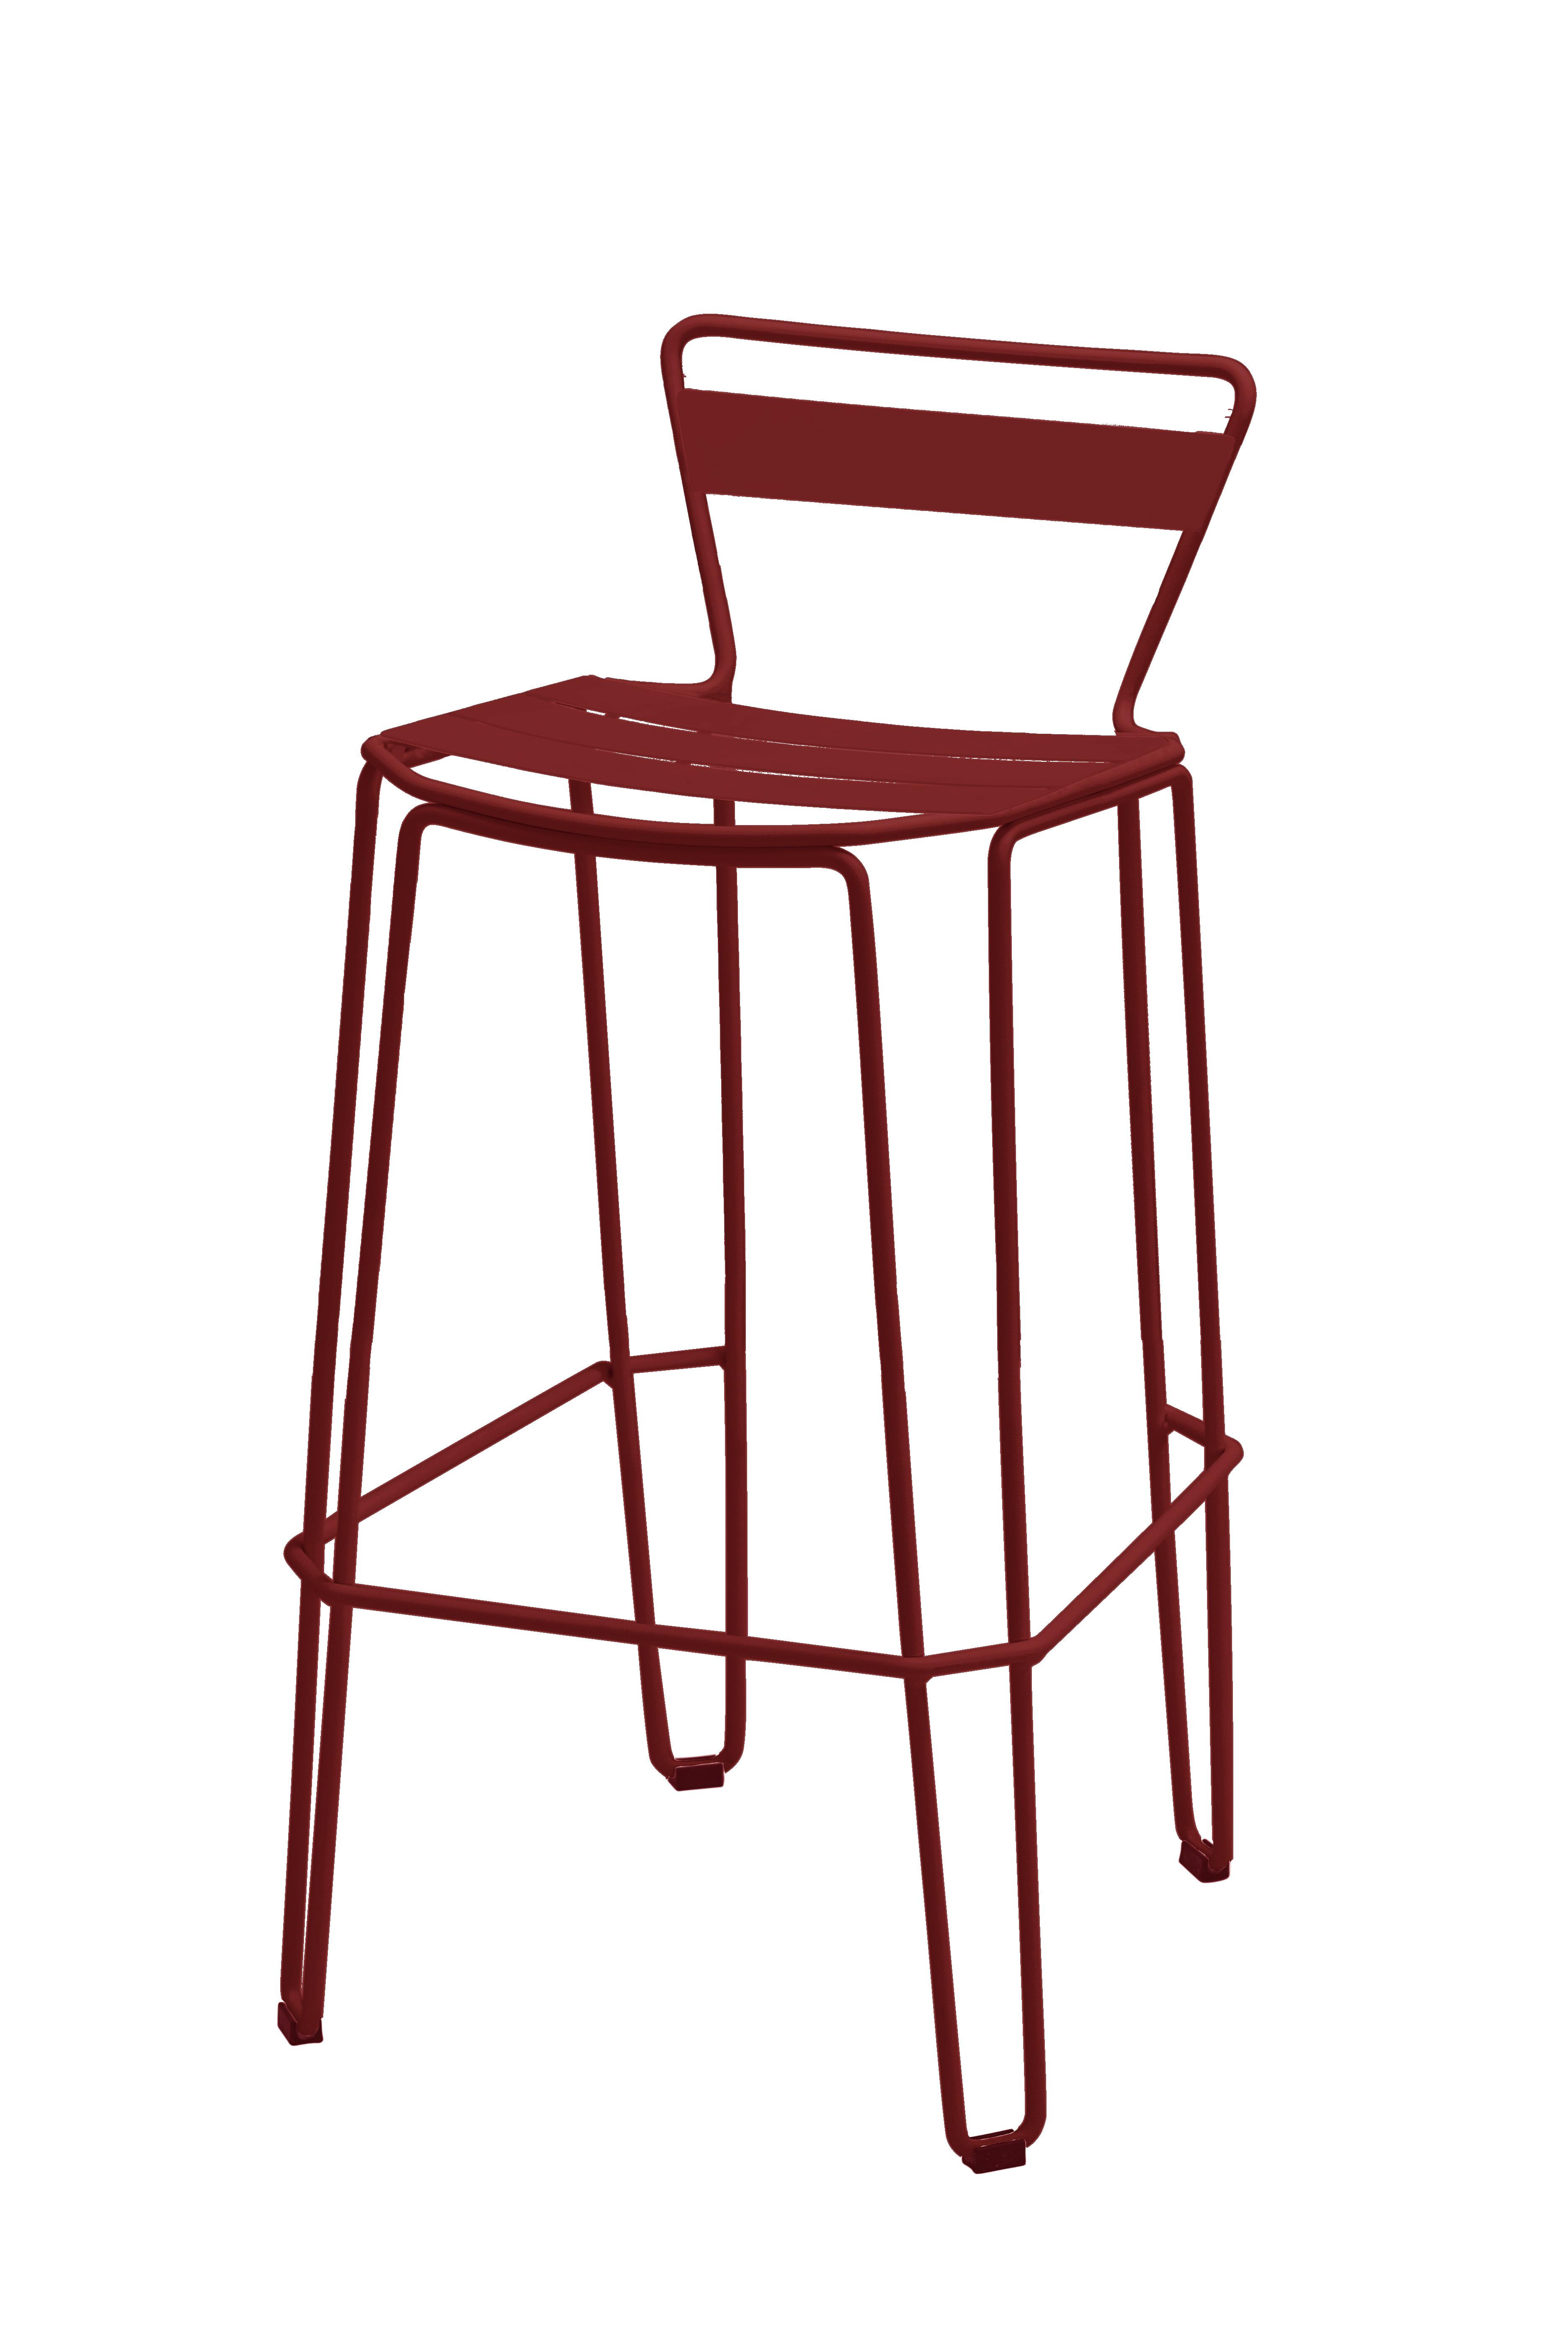 MALLORCA - Chaise haute en acier rouge